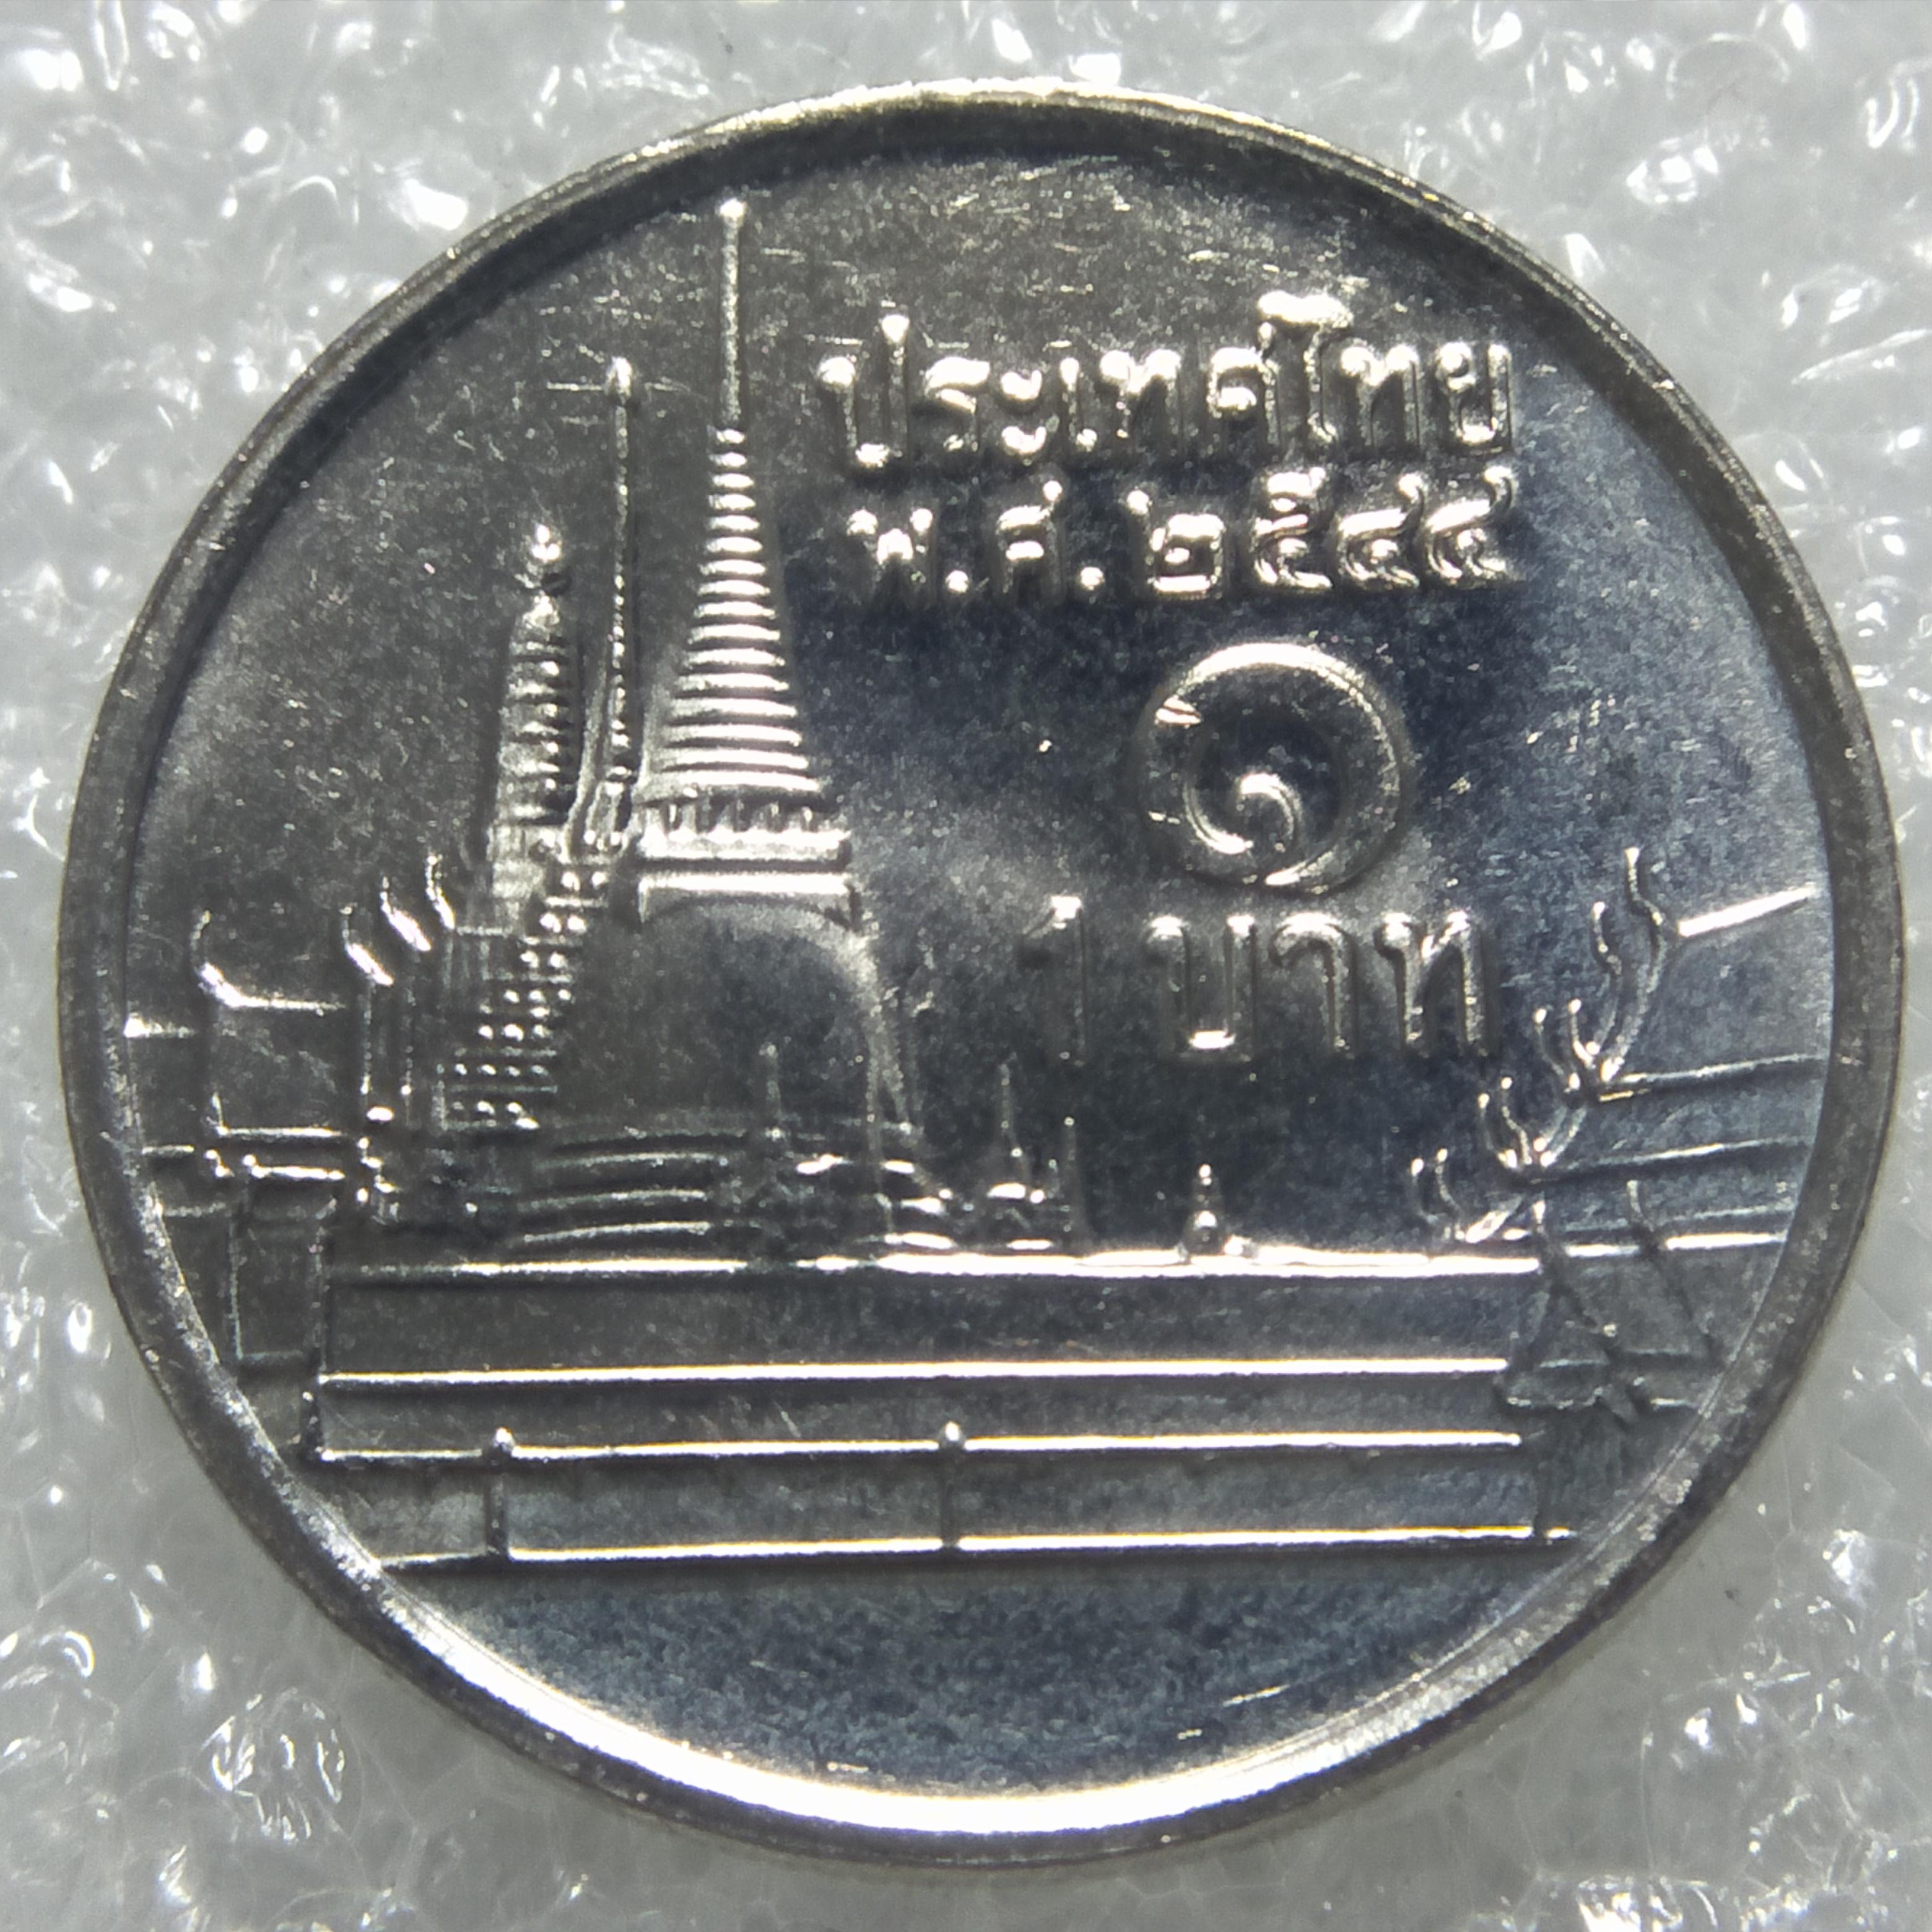 เหรียญ 1 บาท 2544 ไม่ผ่านใช้ UNC